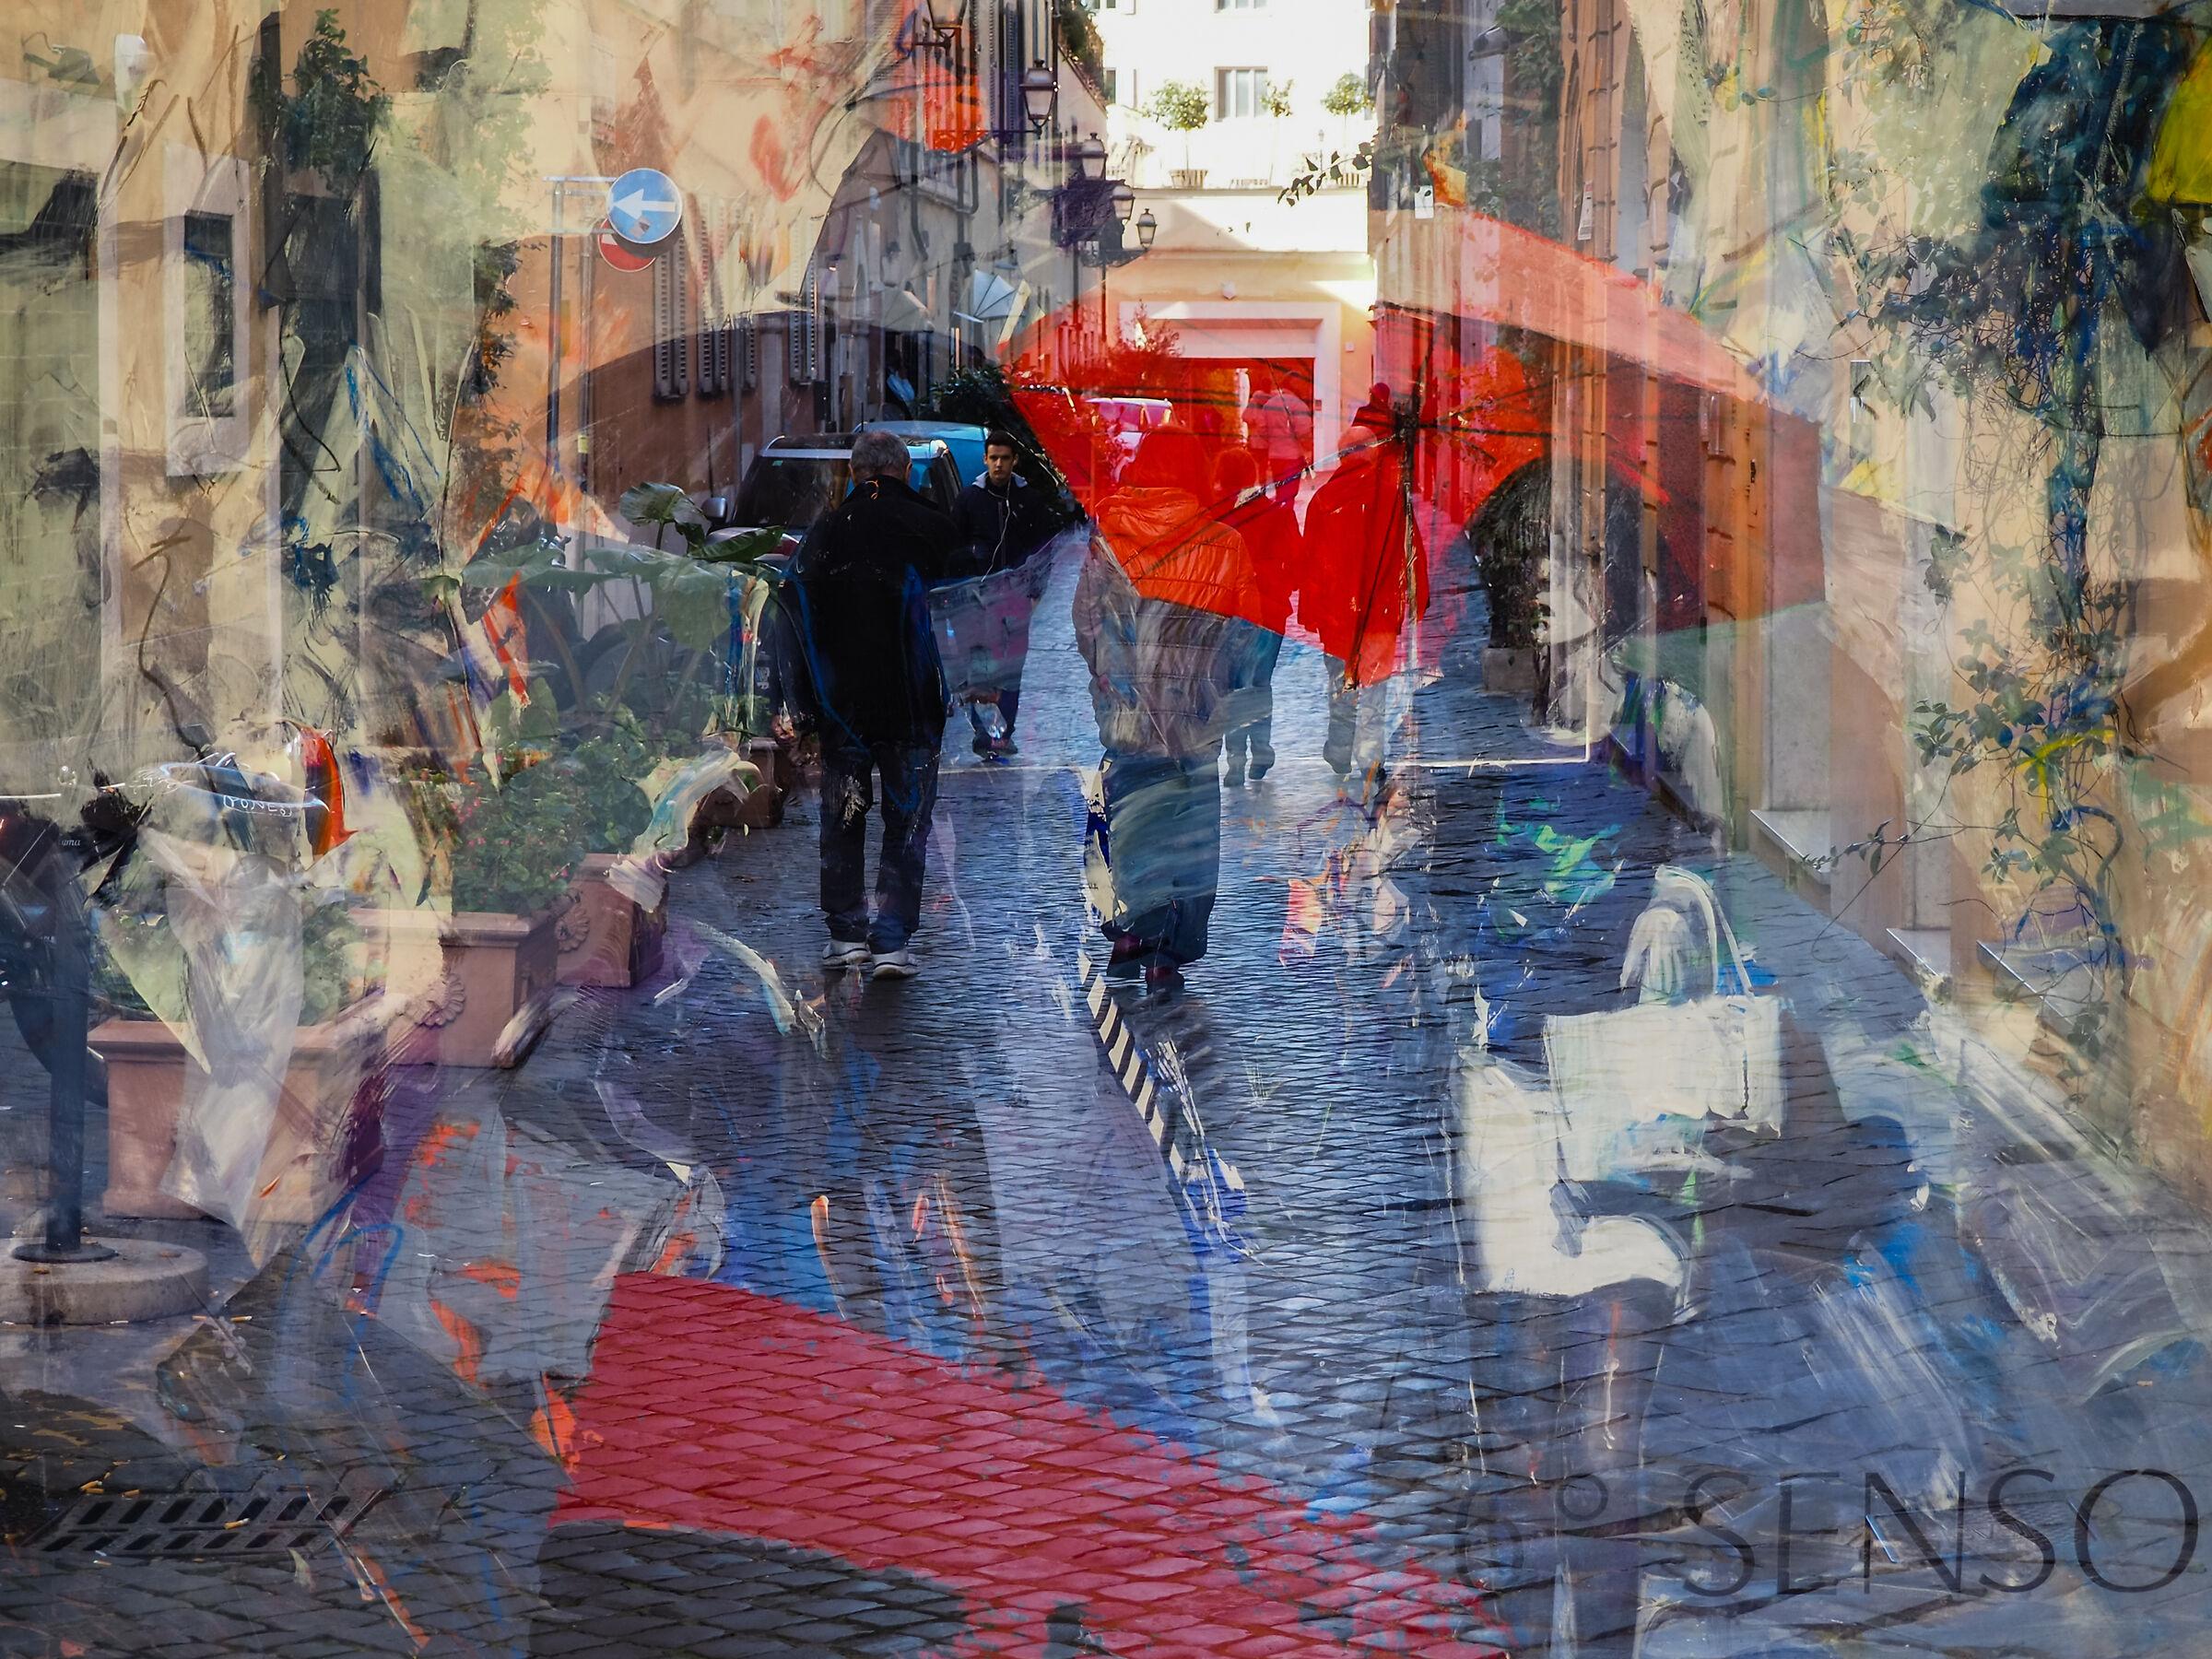 Walking in Margutta Street...